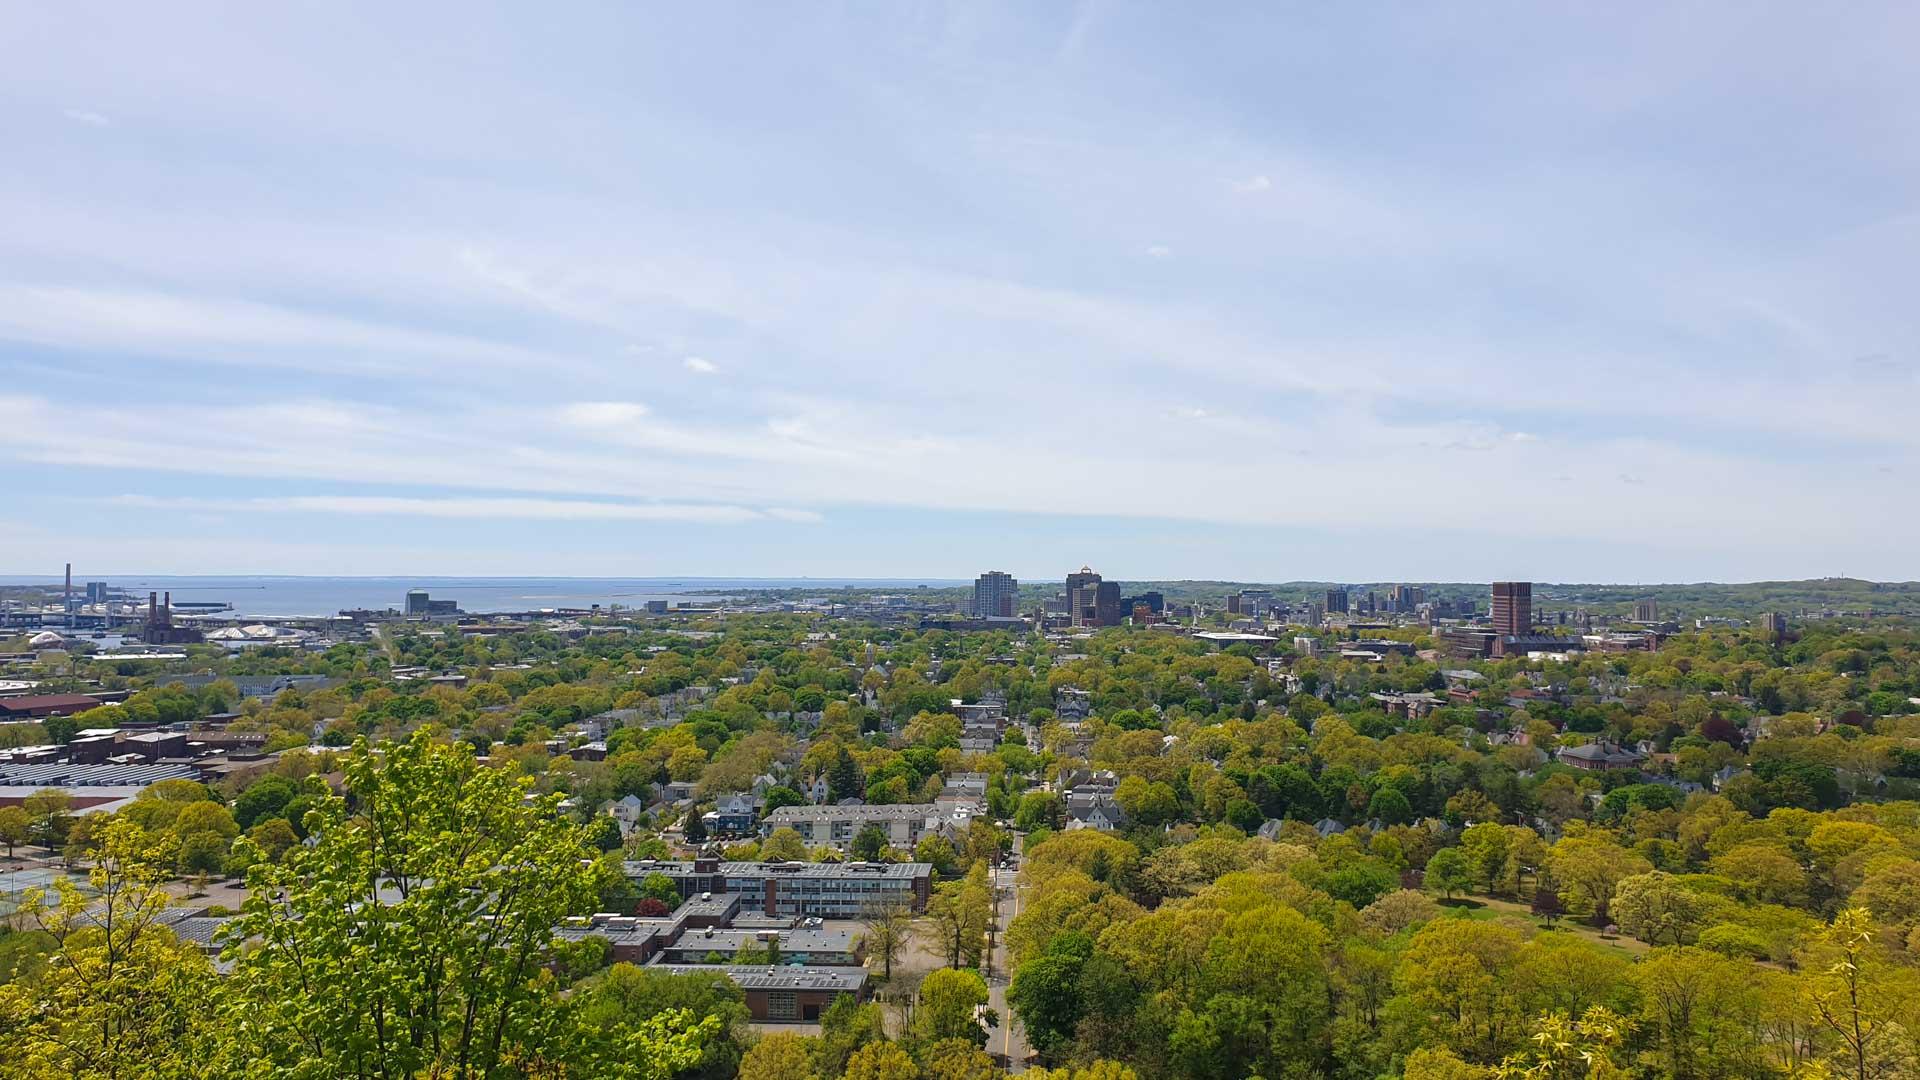 Vistas de New Haven y el puerto desde la cima de East Rock, Connecticut